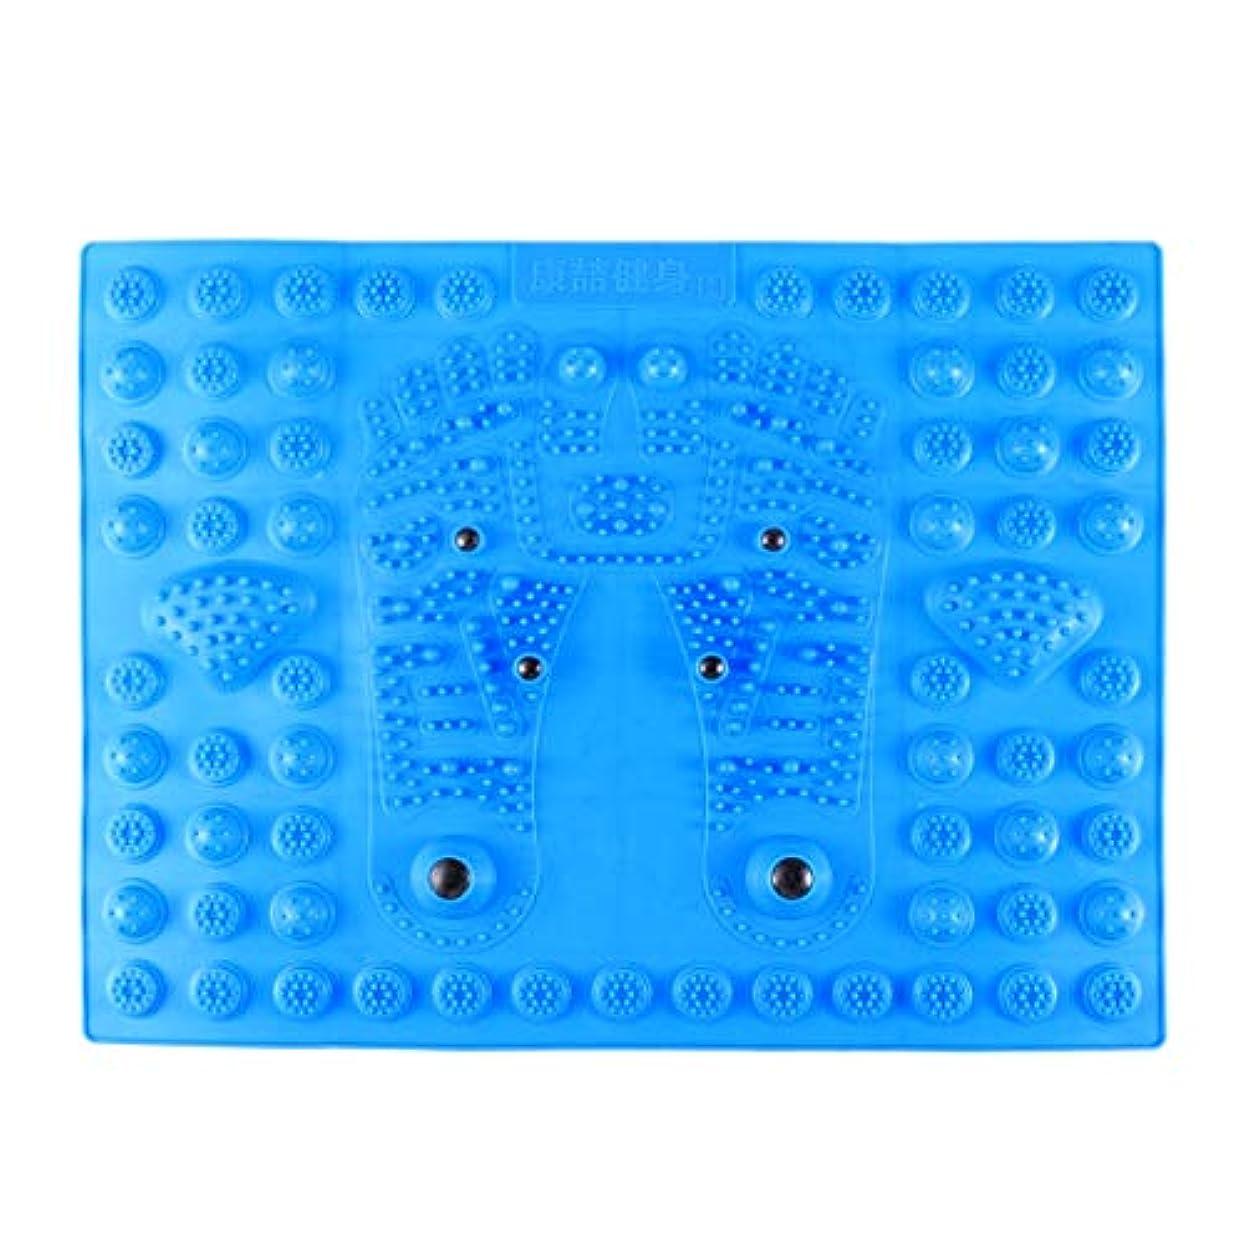 病弱キャッチ億Healifty 指圧フットマットフット磁気療法マッサージャーガーデンマッサージパッド(ブルー)